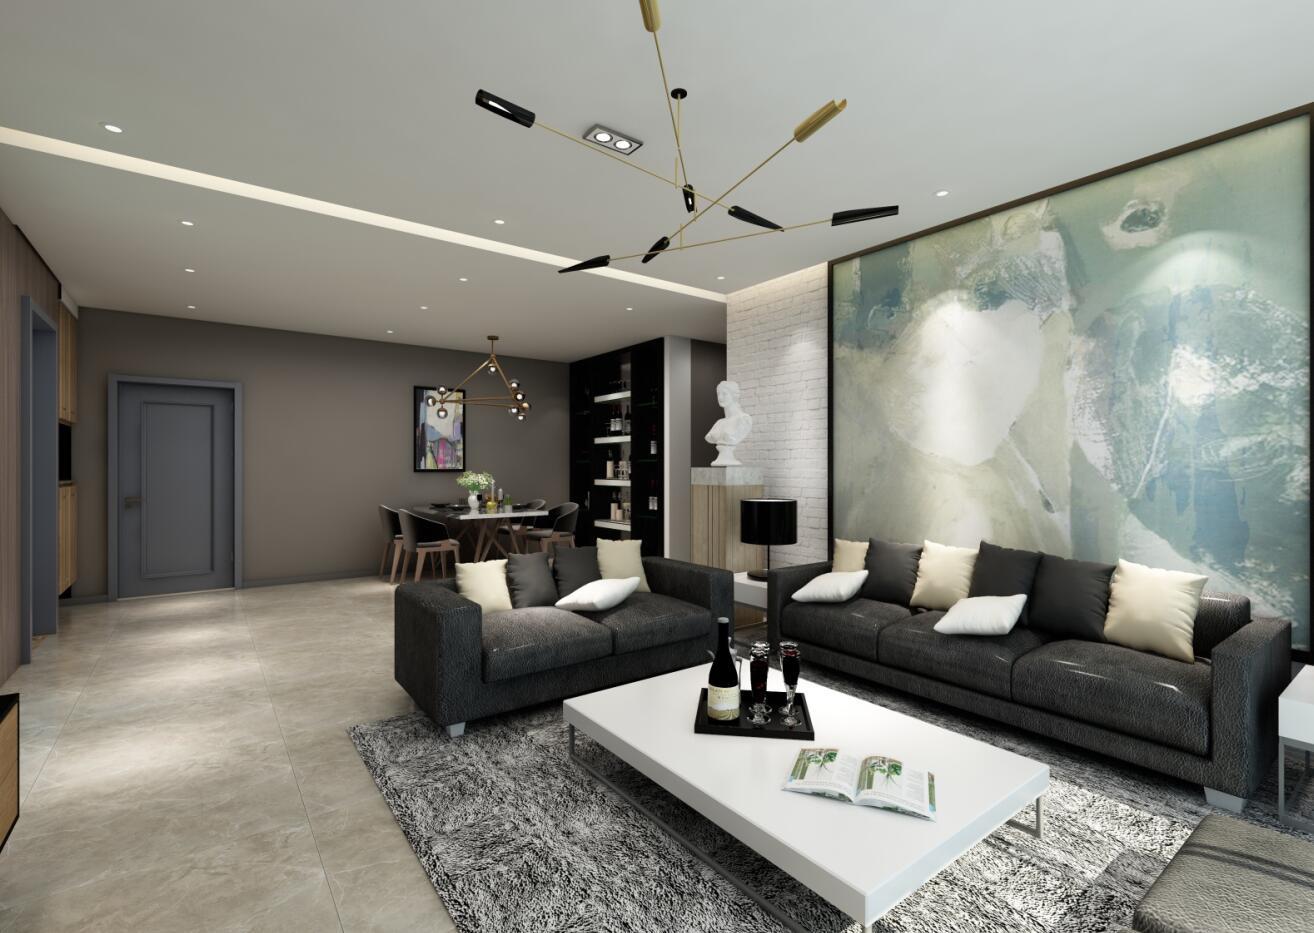 客厅装修如何搭配瓷砖颜色